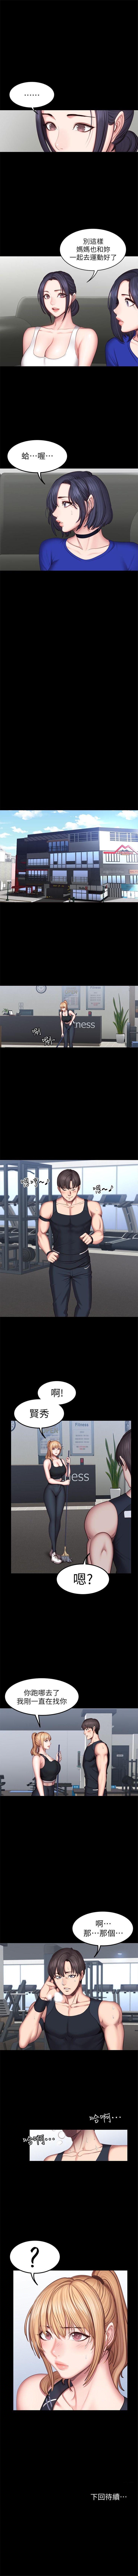 健身教練 1-56 官方中文(連載中) 271